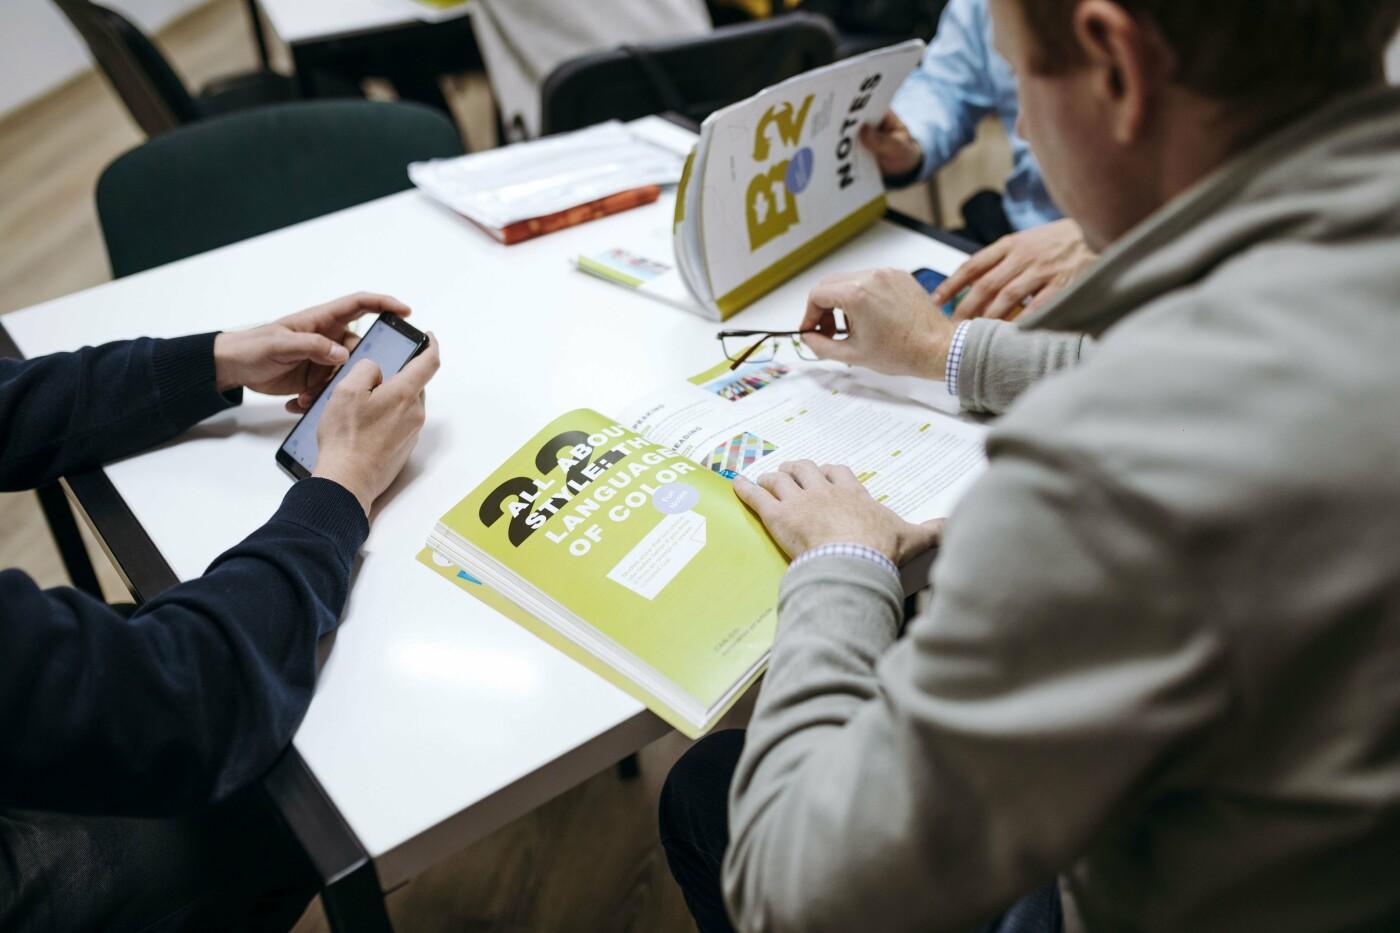 Онлайн-образование. Какие курсы выбрать в 2021 году?, фото-10